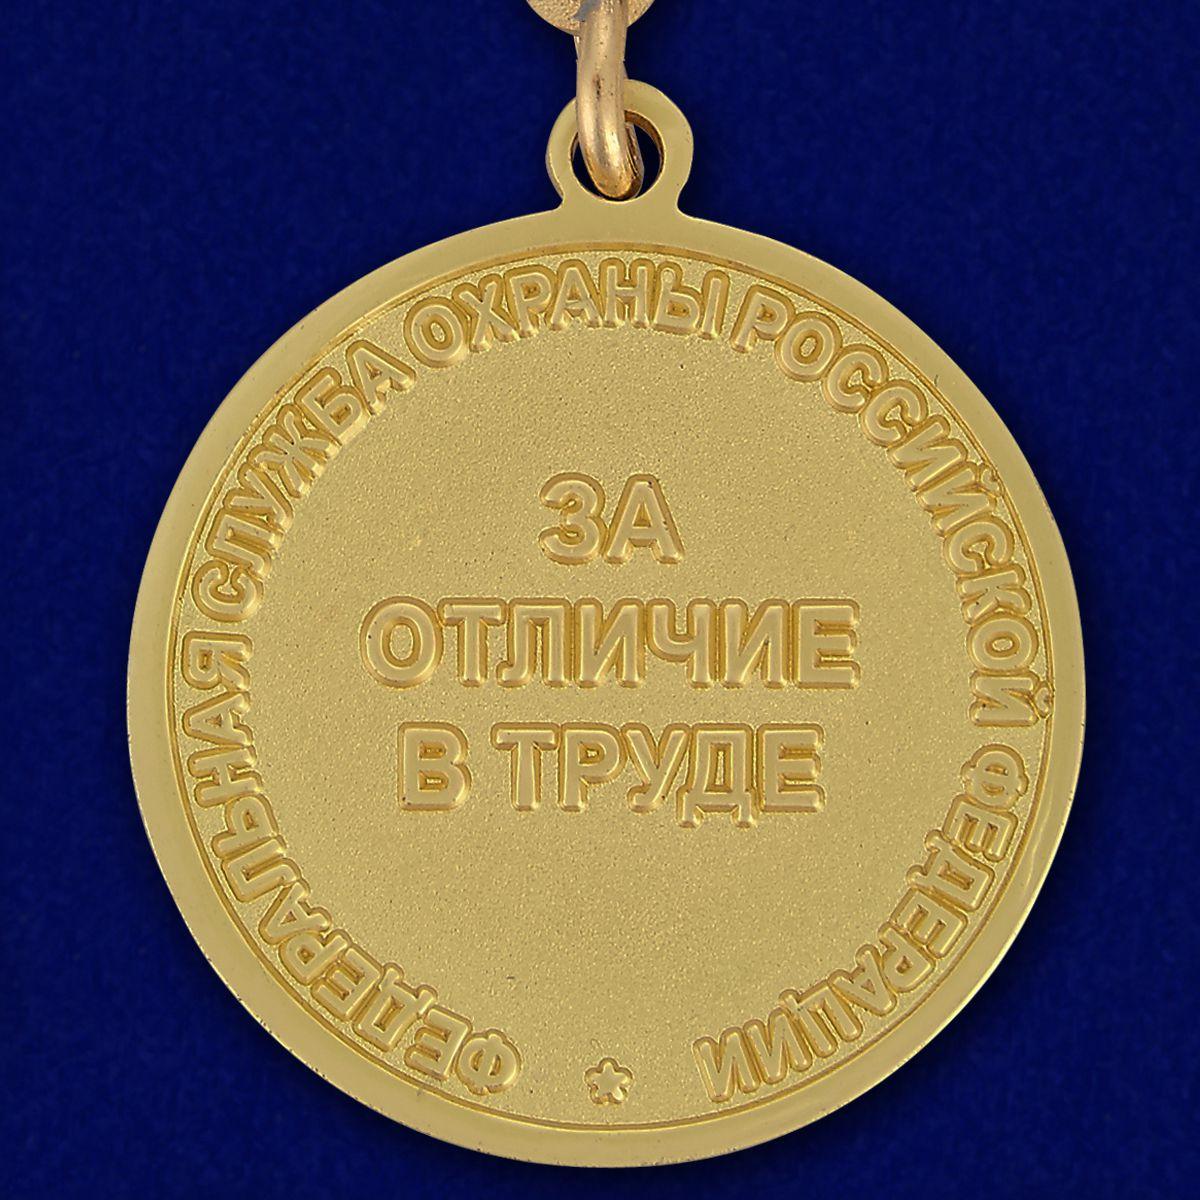 Медаль ФСО РФ За отличие в труде в бархатном футляре - Реверс